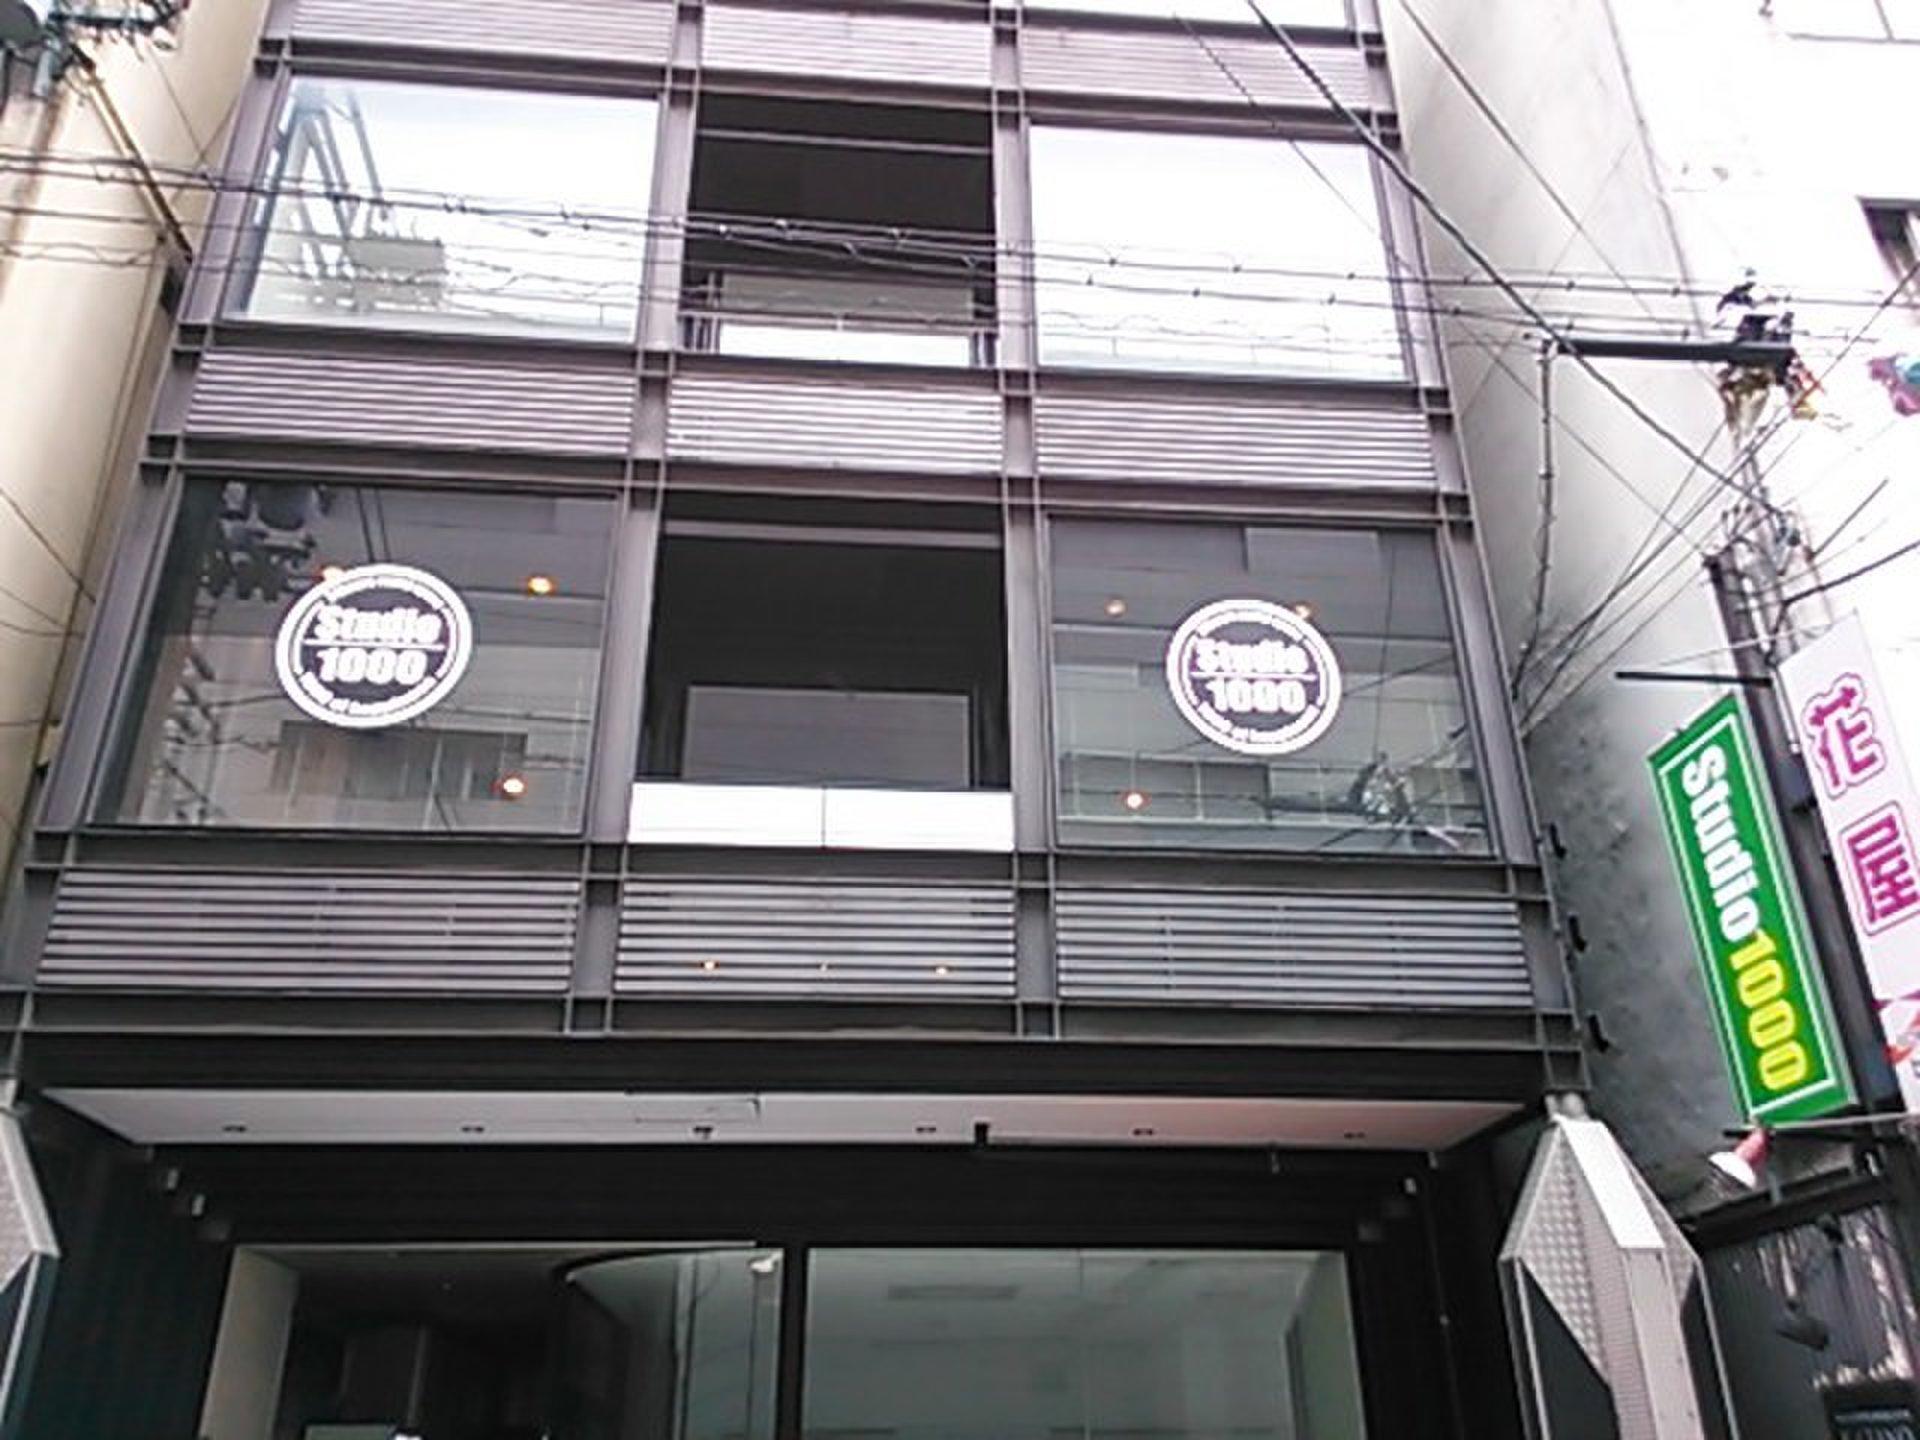 驚きのレンタルスタジ!無人運営??でも納得かも・・・大阪「スタジオ1000」